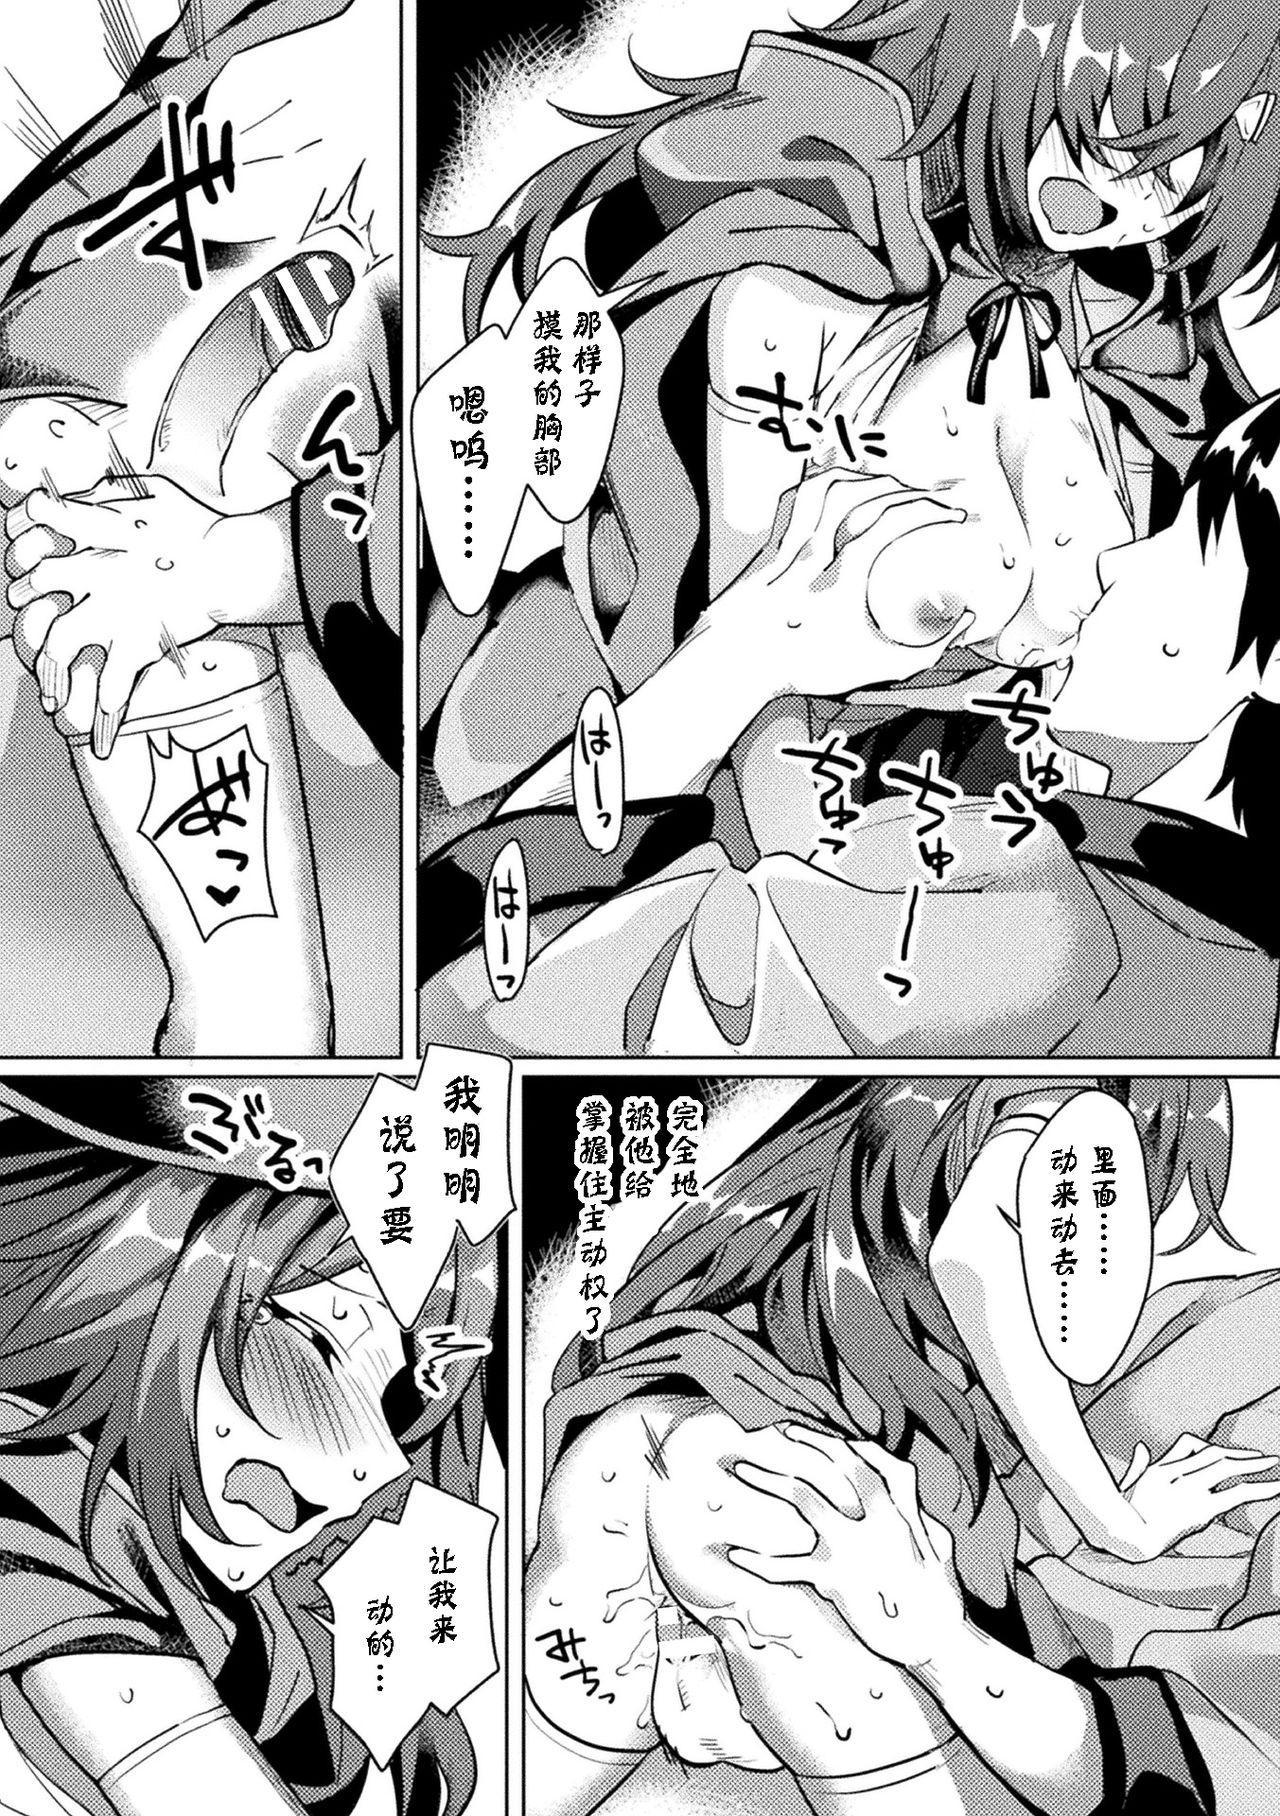 [Anthology] Bessatsu Comic Unreal Ponkotsu Fantasy Heroine H ~Doji o Funde Gyakuten Saretari Ero Trap ni Hamattari!?~ Vol. 1 [Chinese] [风油精汉化组] [Digital] 34